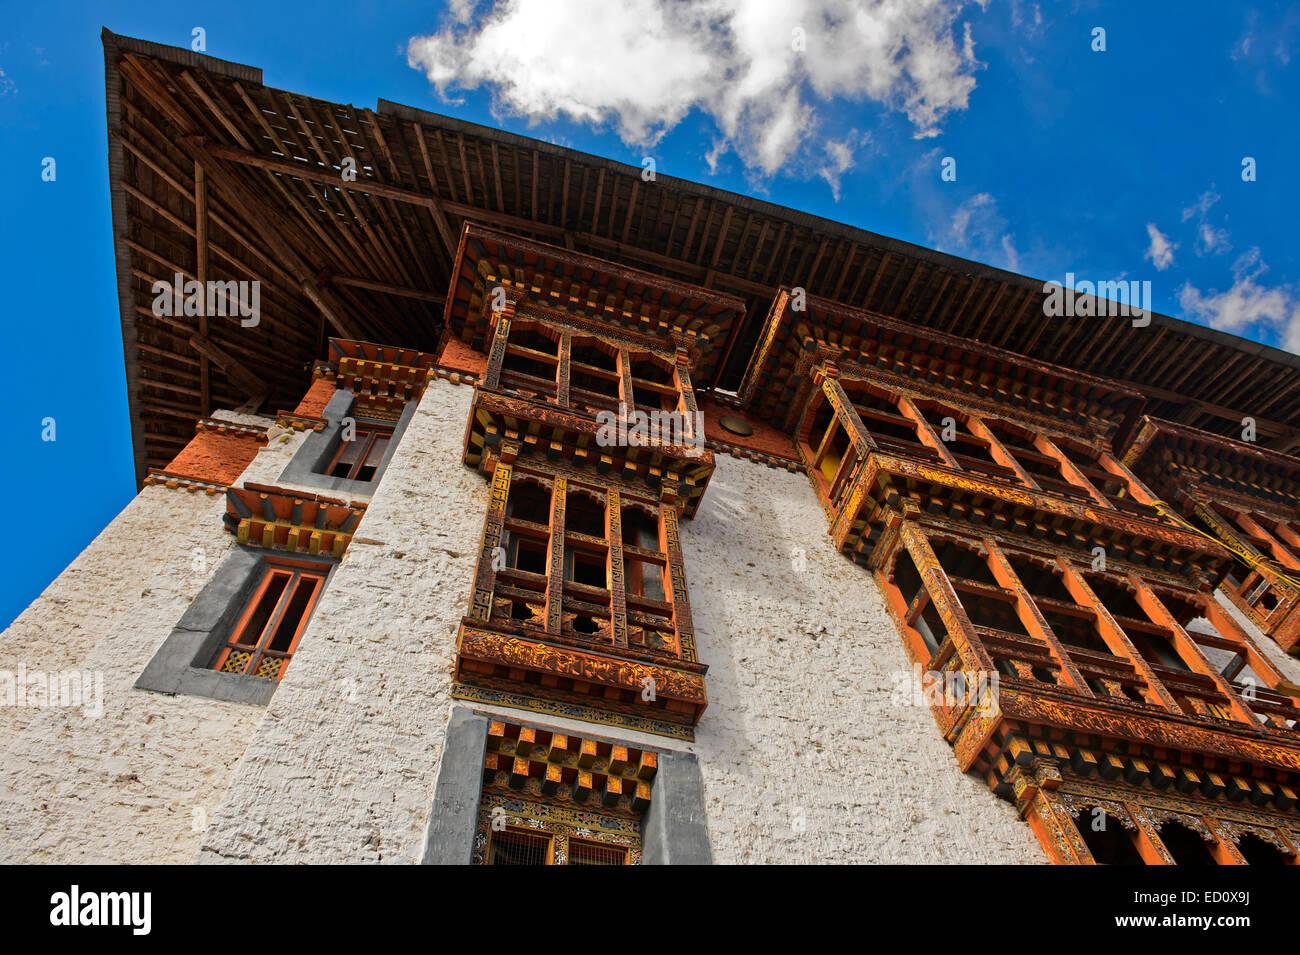 Tradizionale architettura Bhutanese, Monastero di Tango, Bhutan Immagini Stock